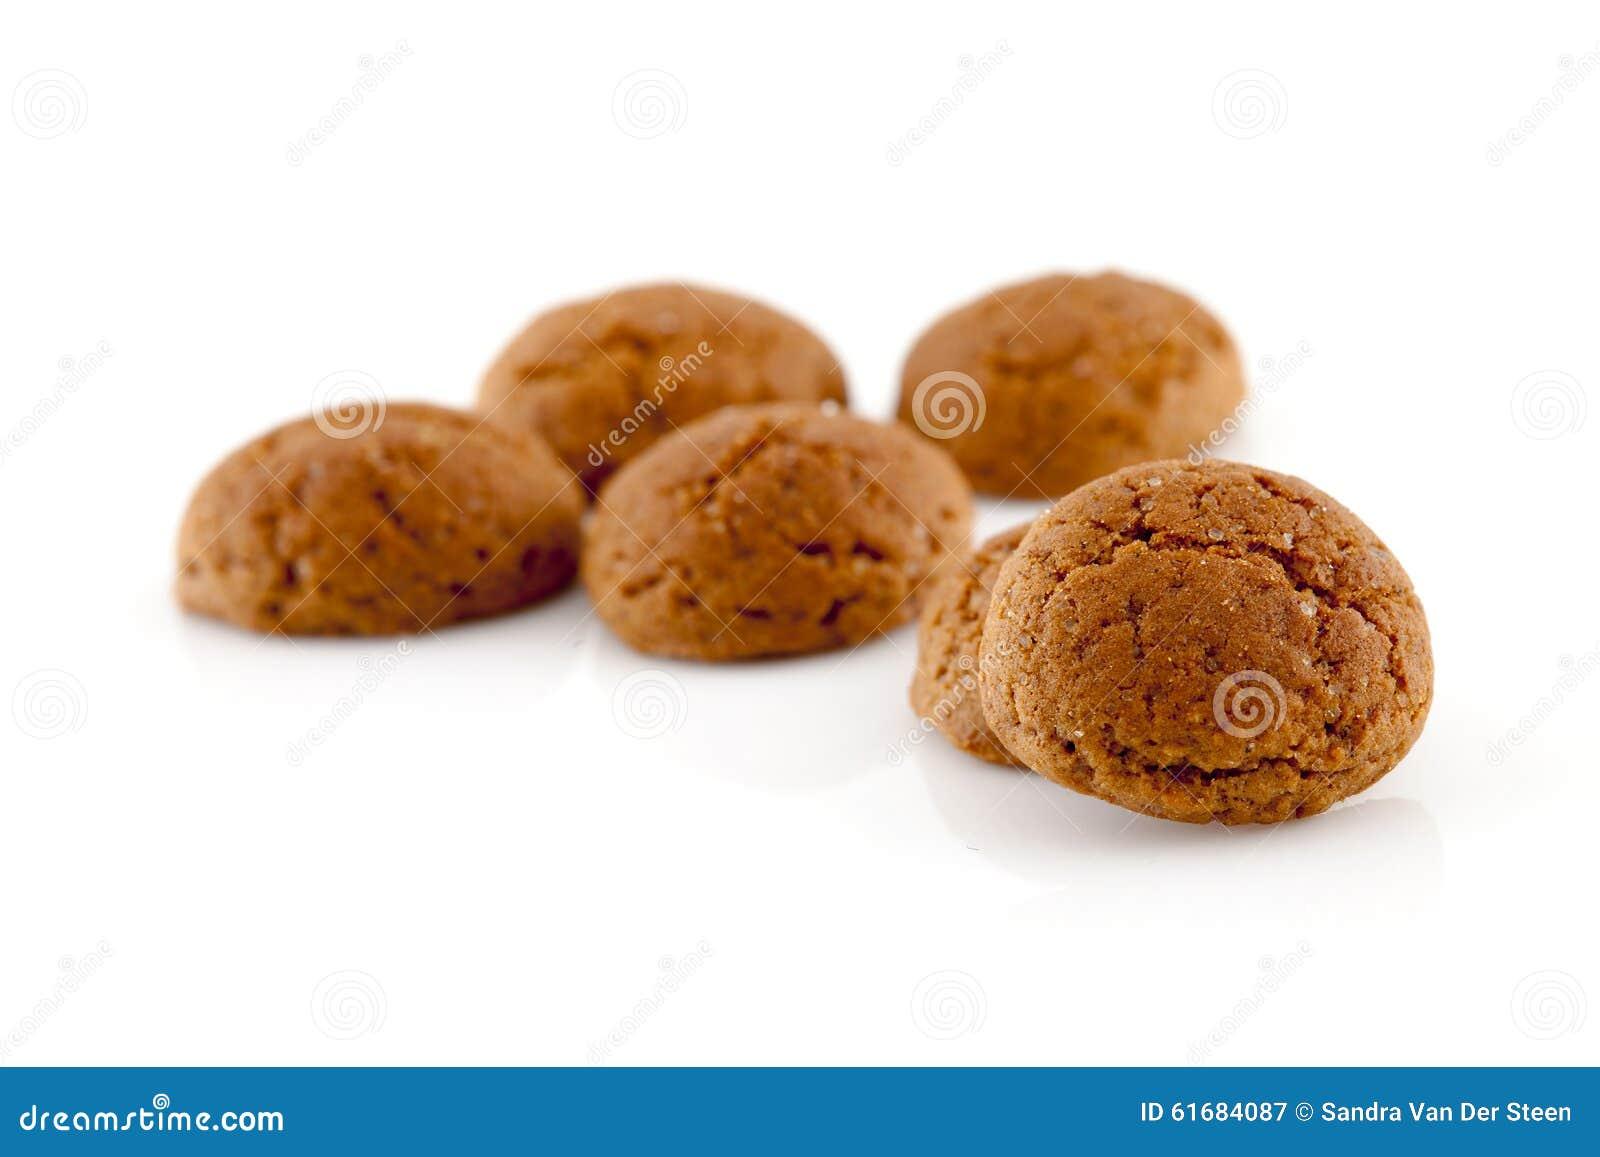 Typiska holländska sötsaker: pepernoten (ingefärskakor) för en beröm